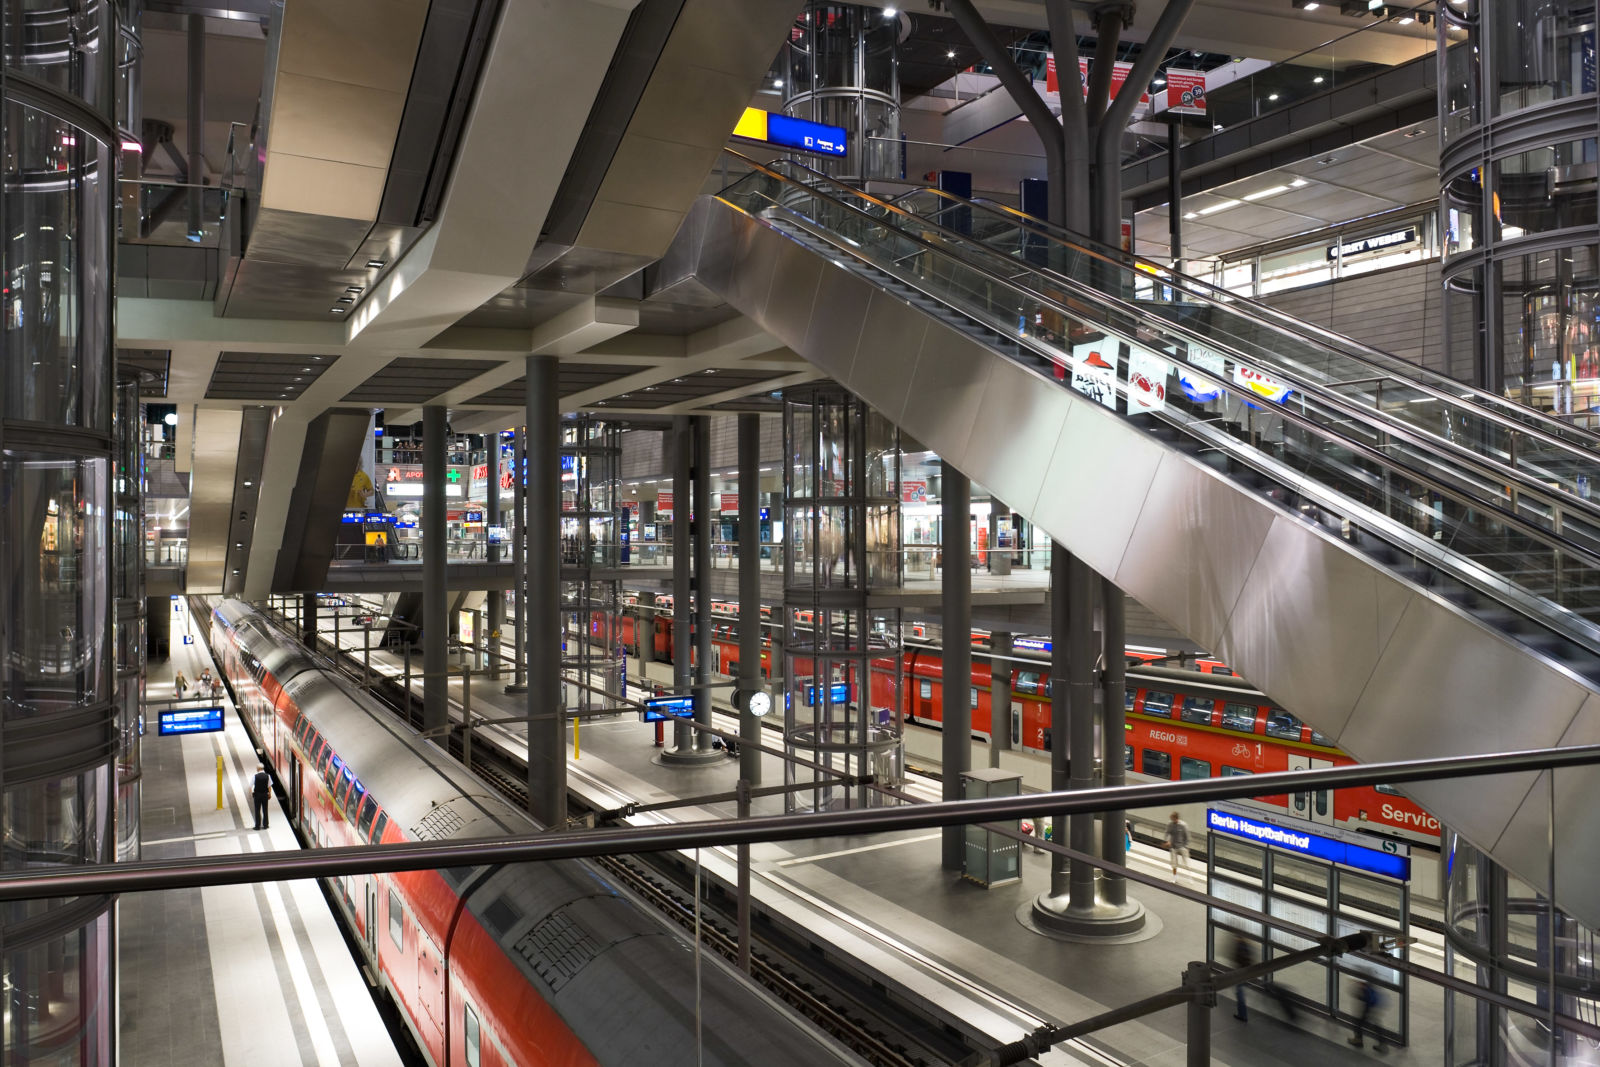 Blick auf den Tiefbahnhof Berlin